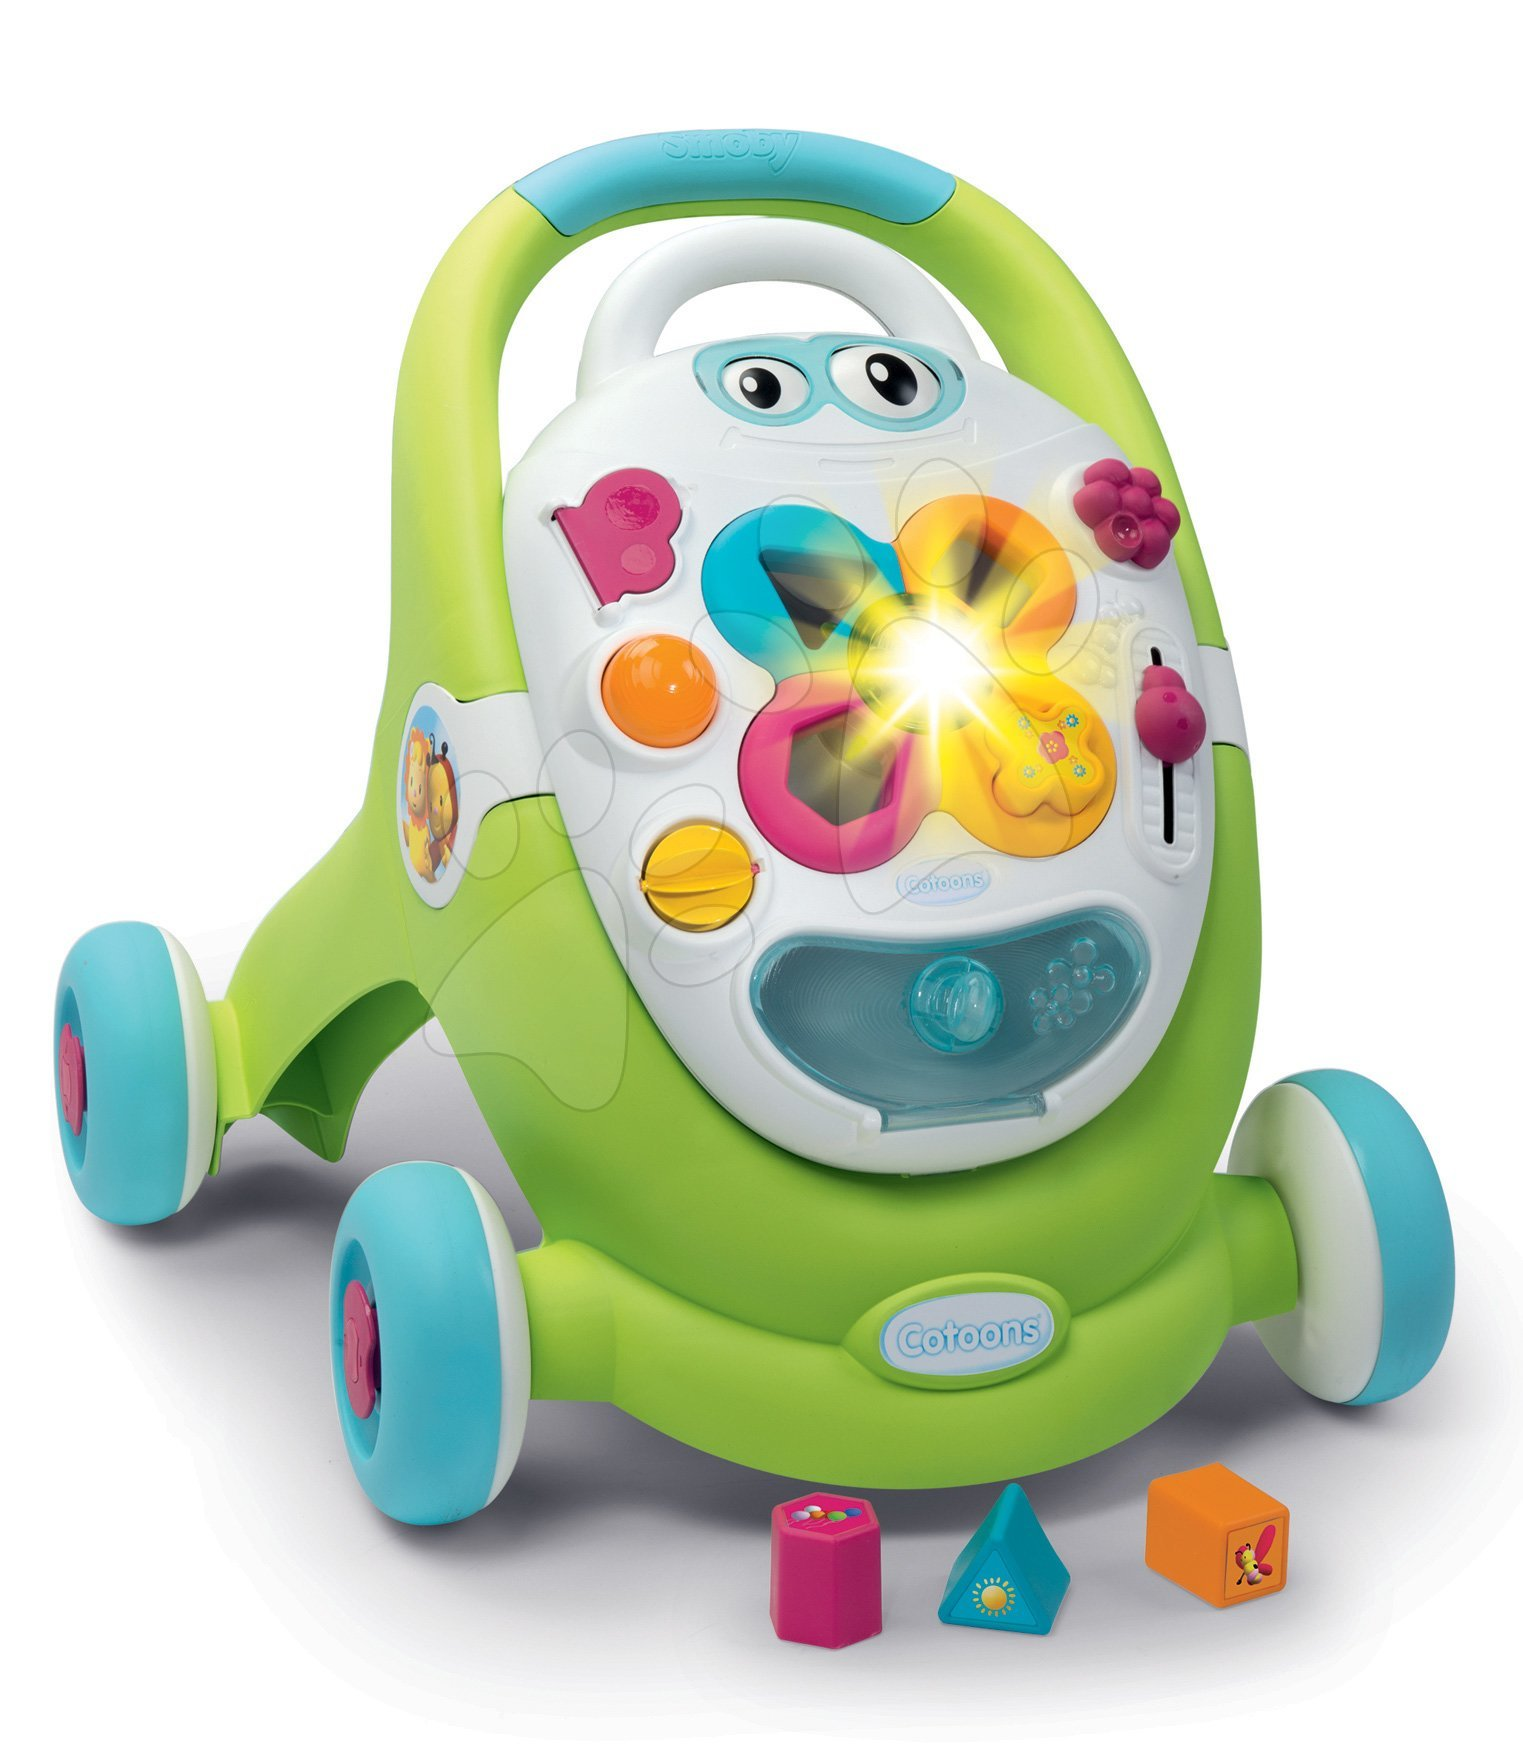 Dětská chodítka - Chodítko s didaktickým kufříkem Trott Cotoons 2v1 Smoby se zvukem a světlem a 8 funkcemi od 12 měsíců